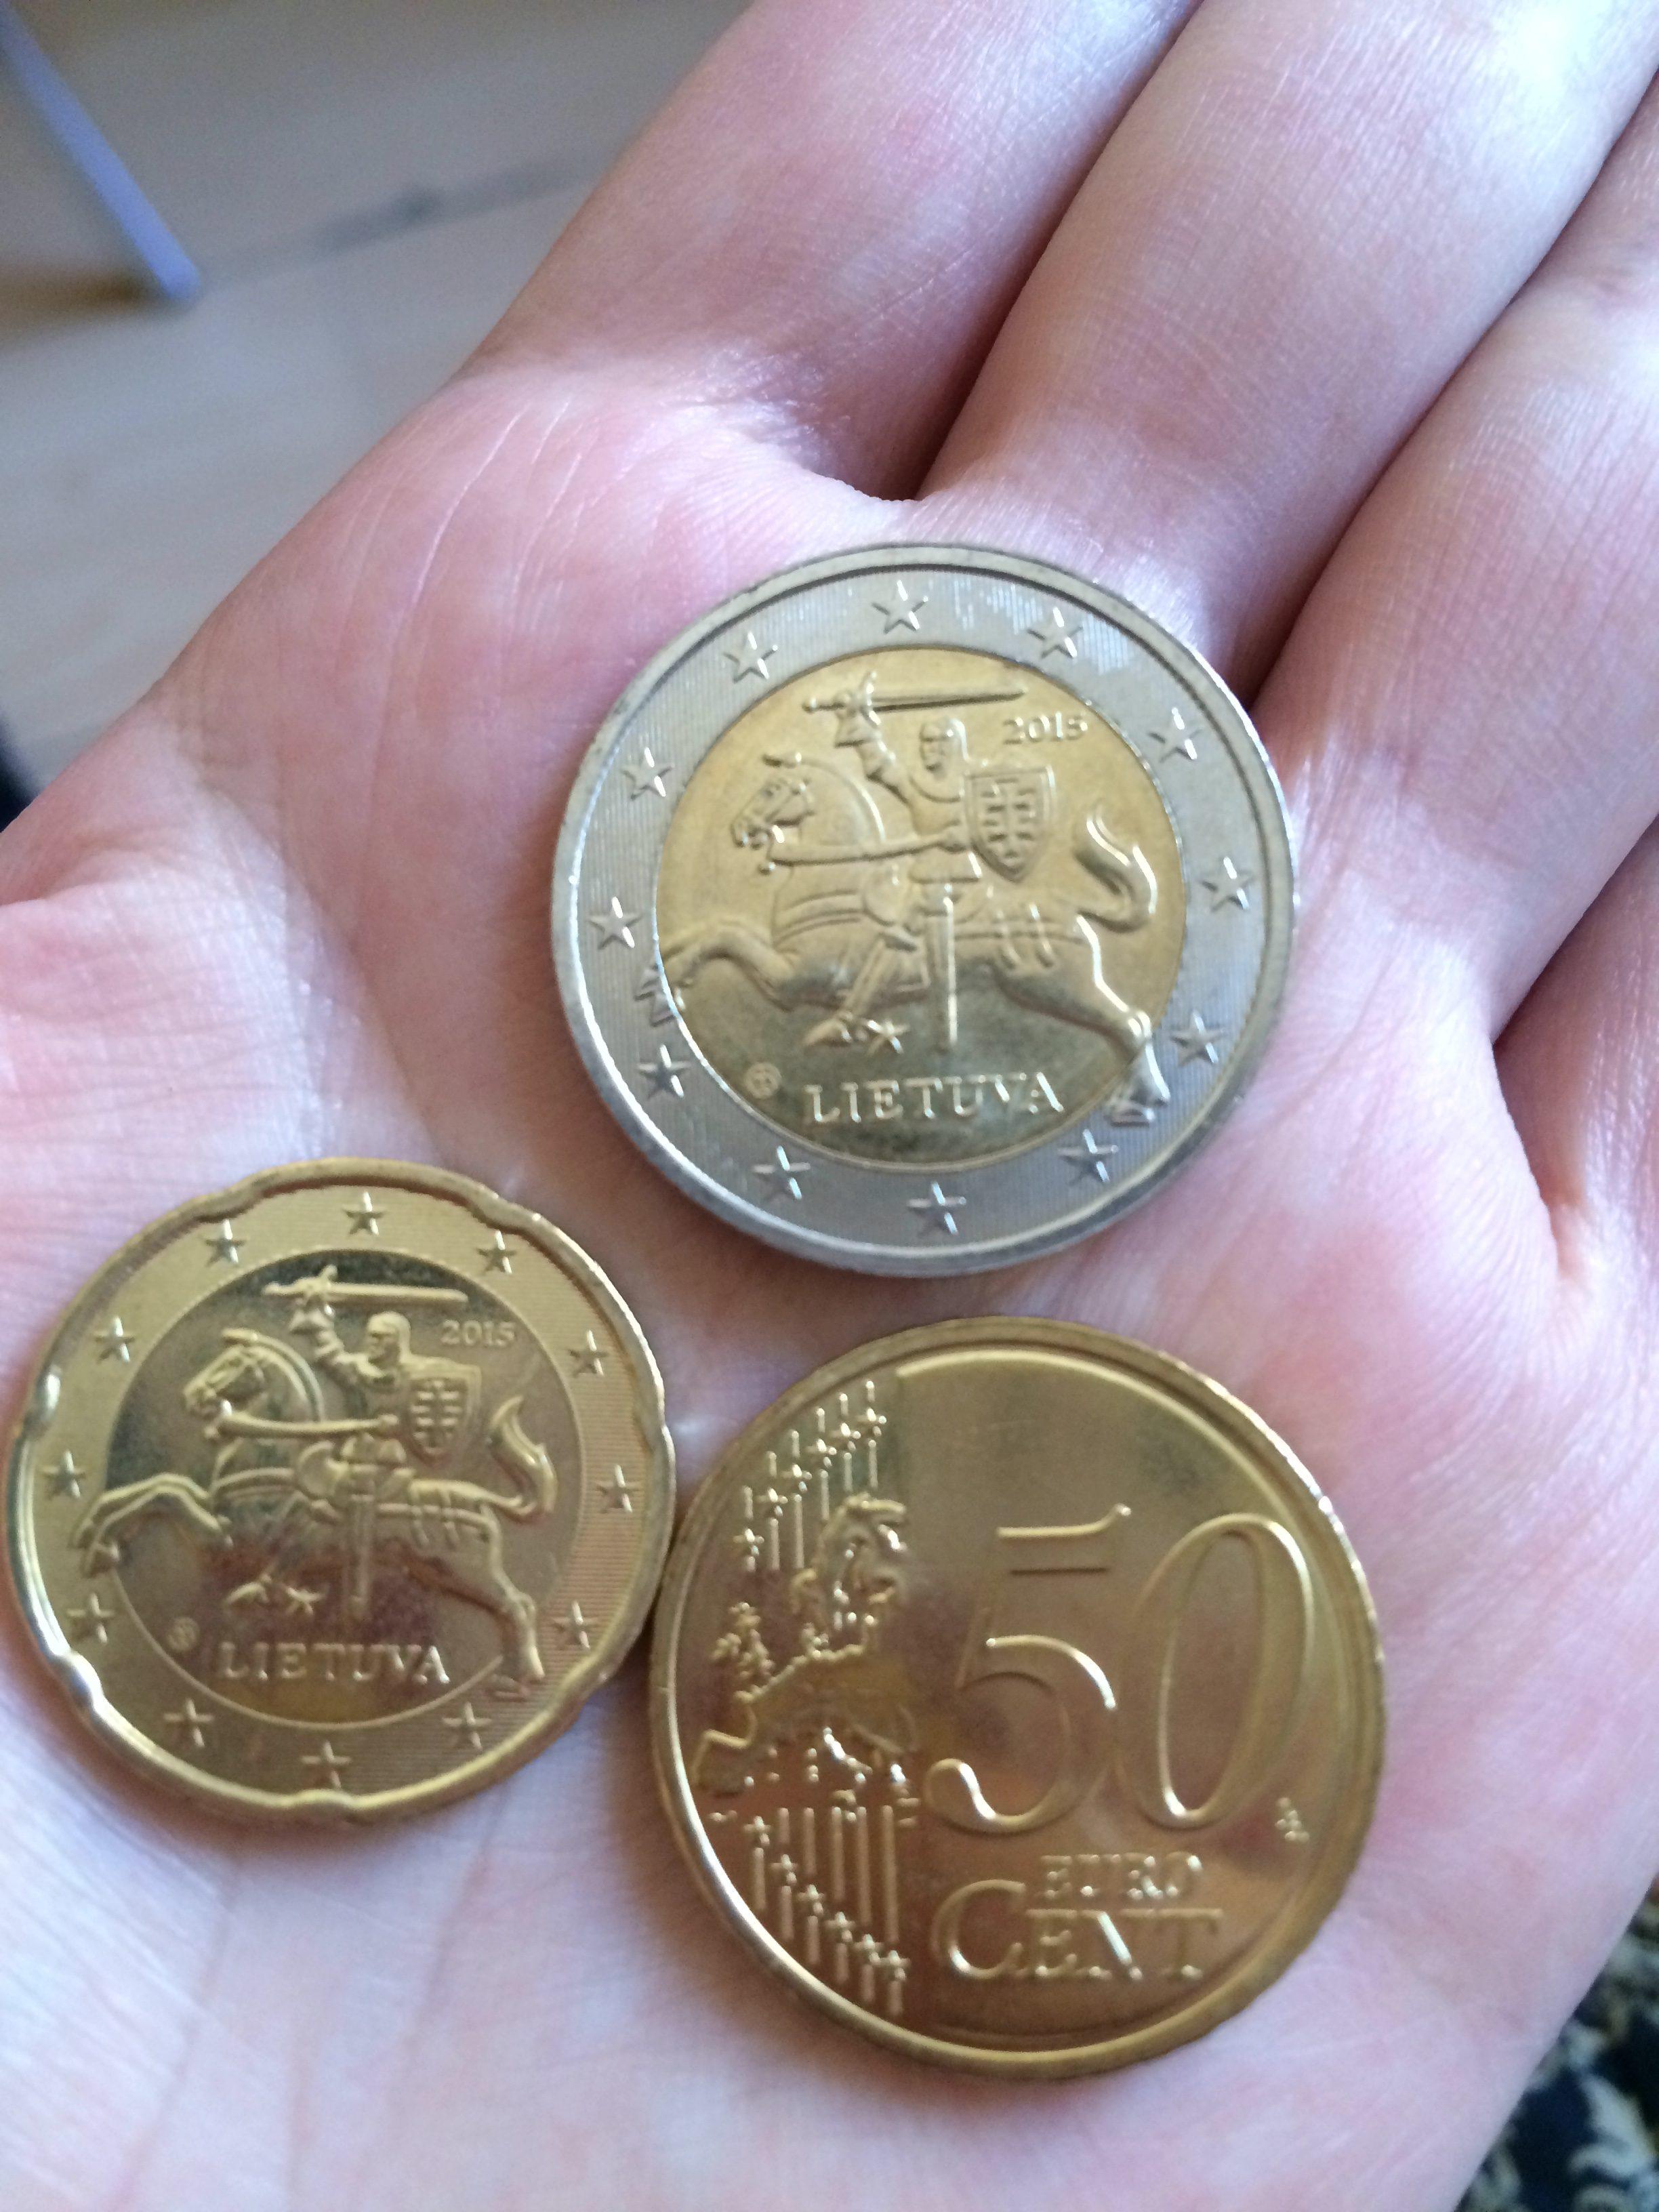 ユーロ導入後のリトアニアの硬貨